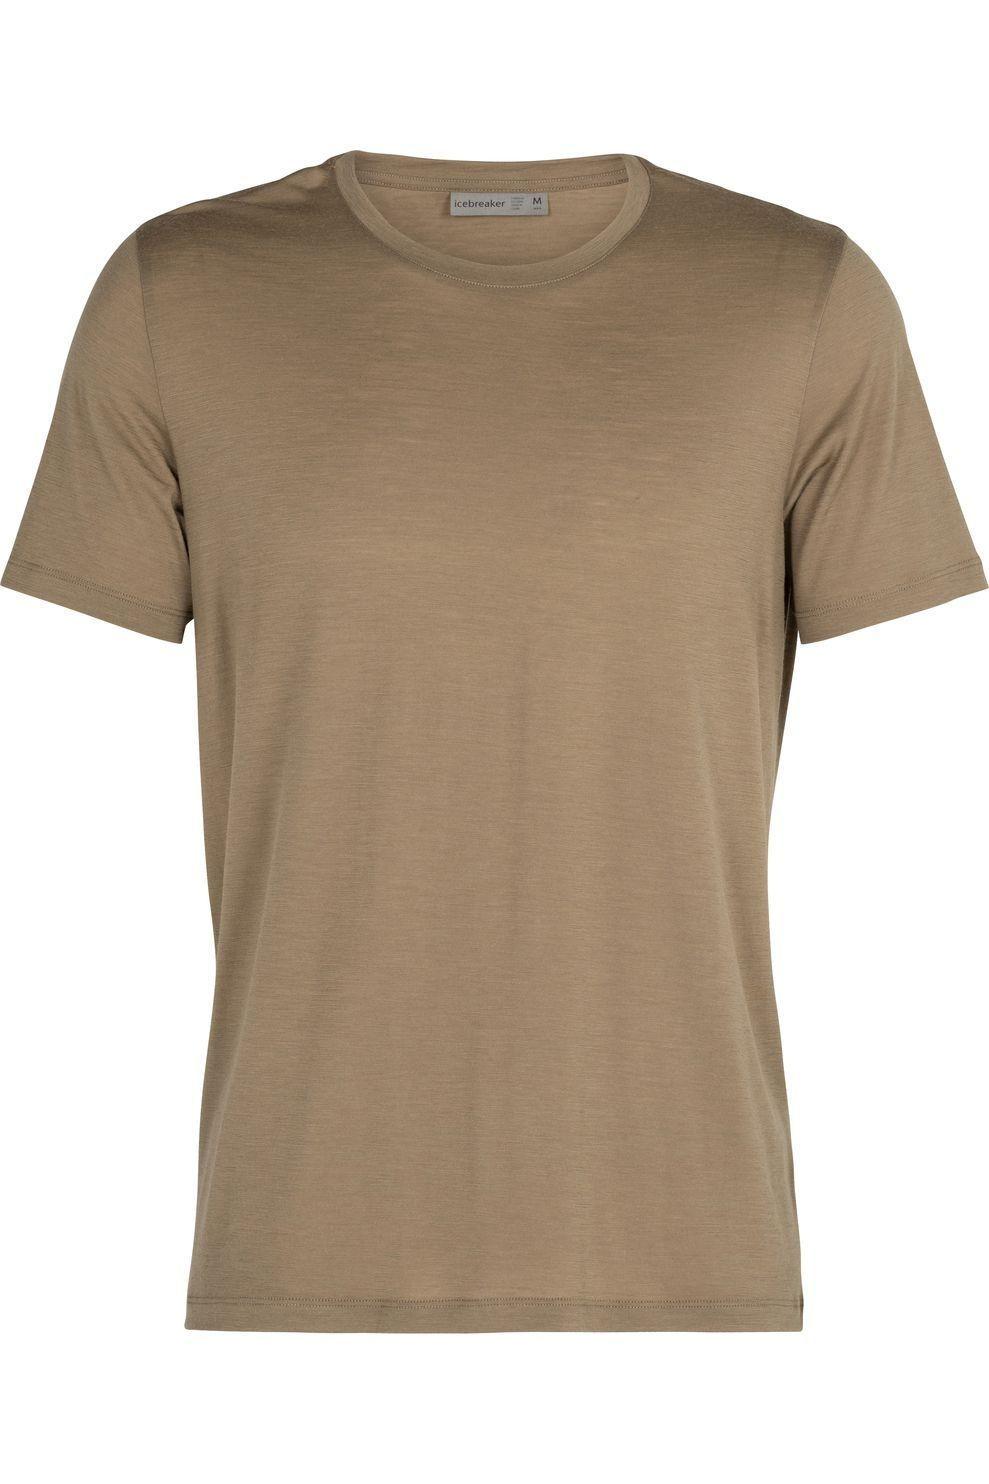 Icebreaker T-Shirt Tech Lite Ss Crewe voor heren - MiddenGroen - Maten: S, M, L, XL